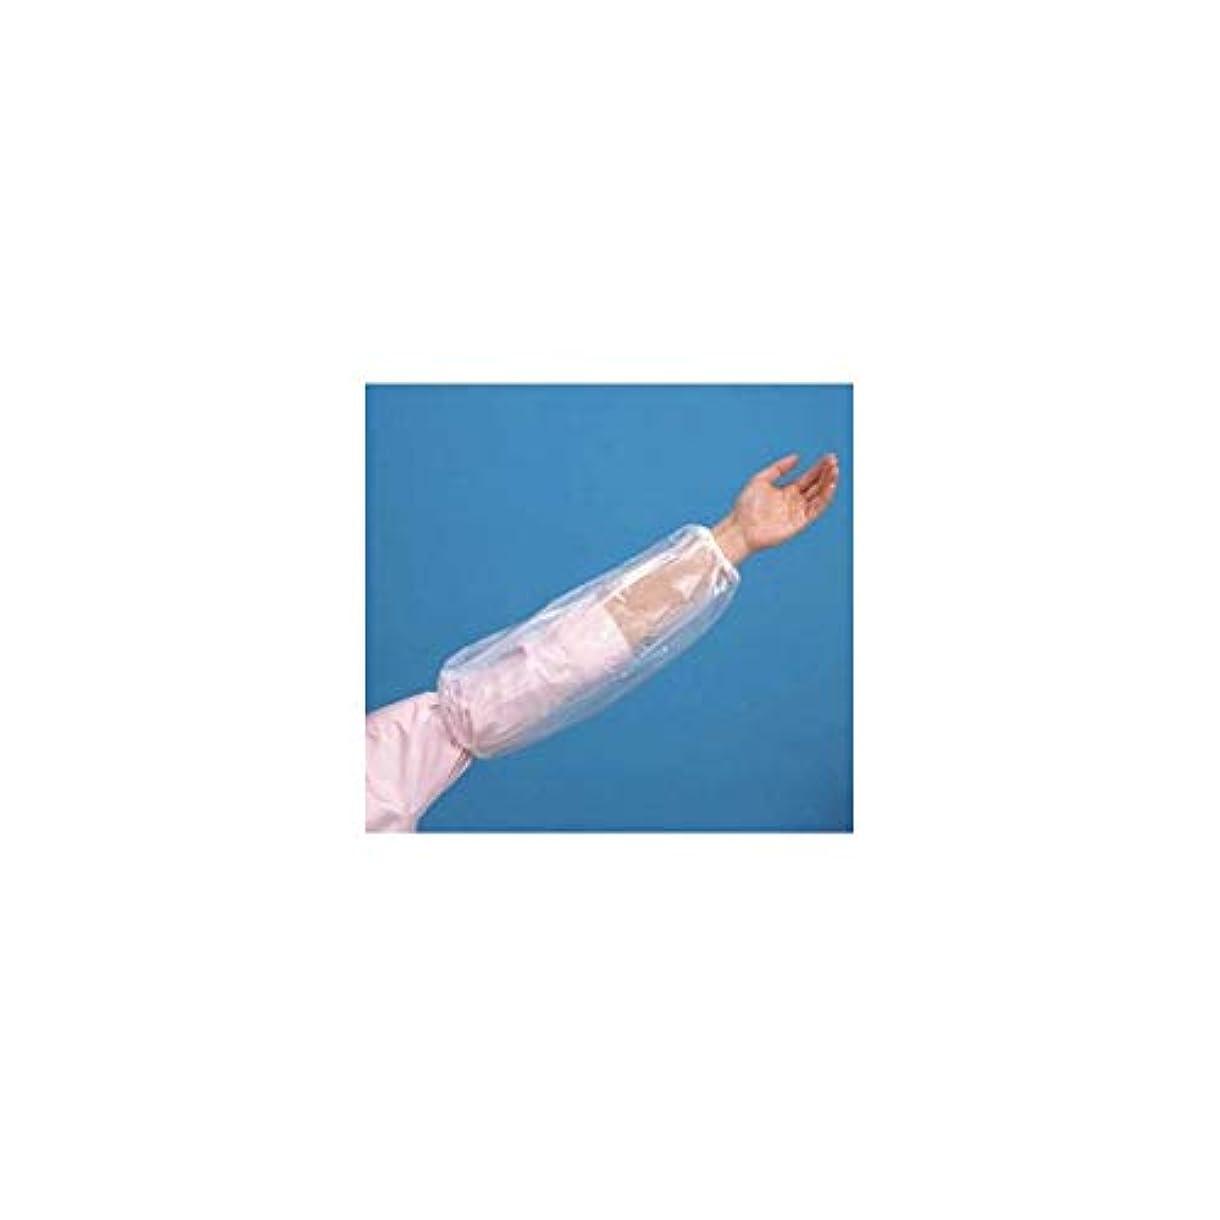 蛾分注する急性オカモト イージーグローブ ロングサイズ(50枚入)706 25から30μ